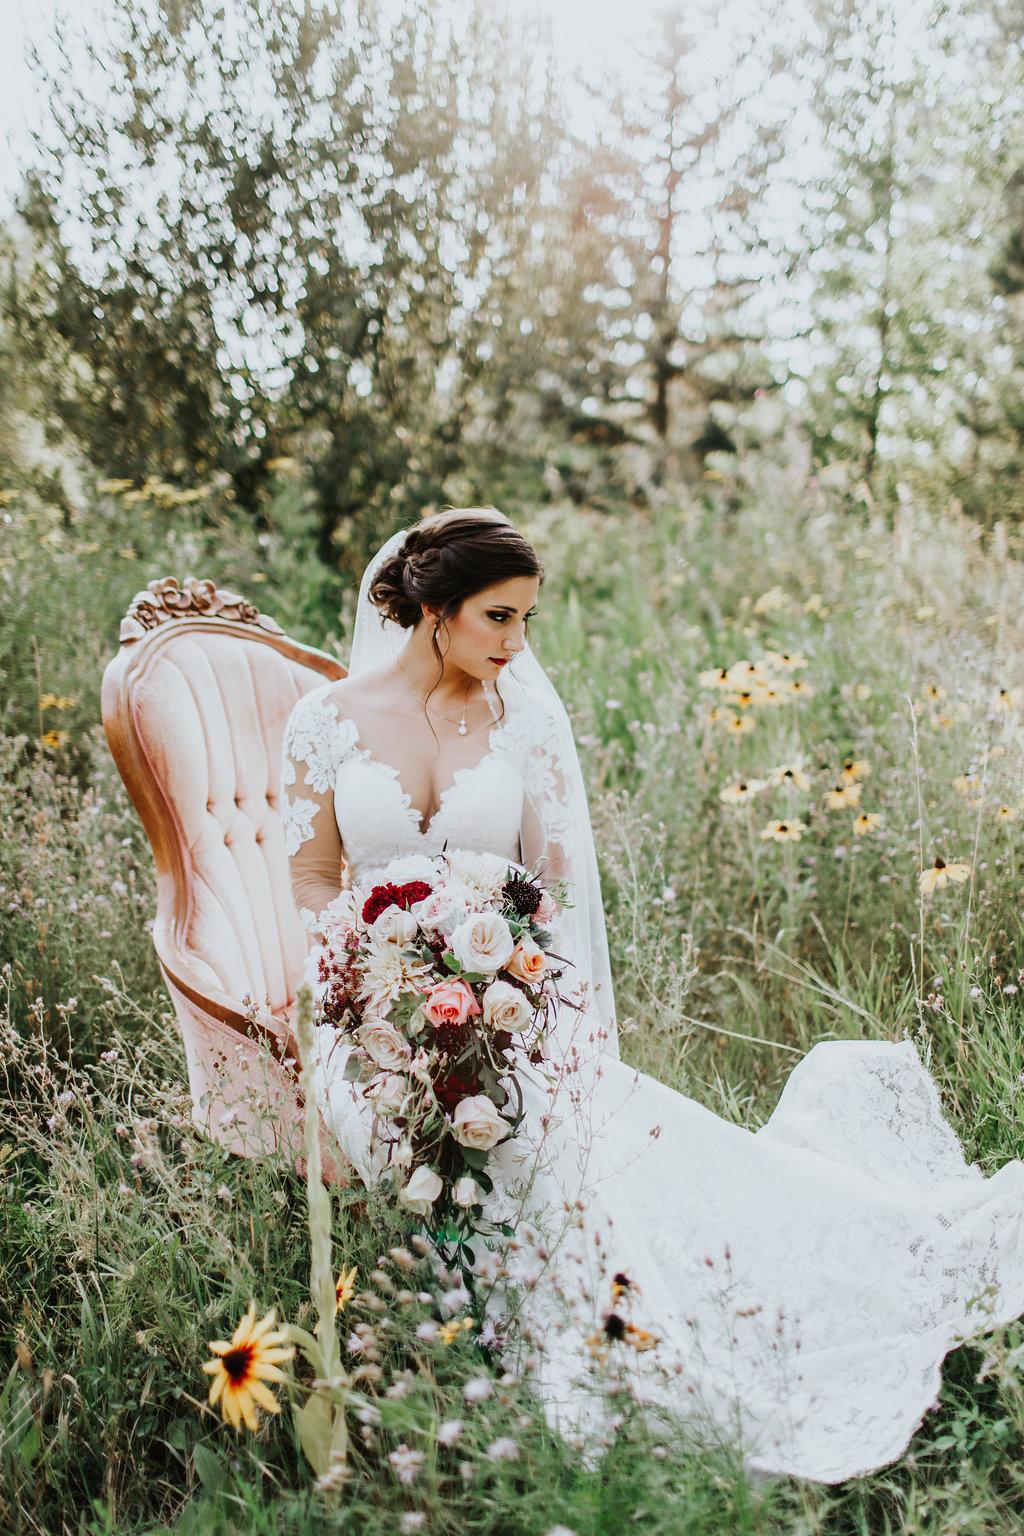 Glam Autumn Wedding at Belle Gardens - https://ruffledblog.com/glam-autumn-wedding-at-belle-gardens